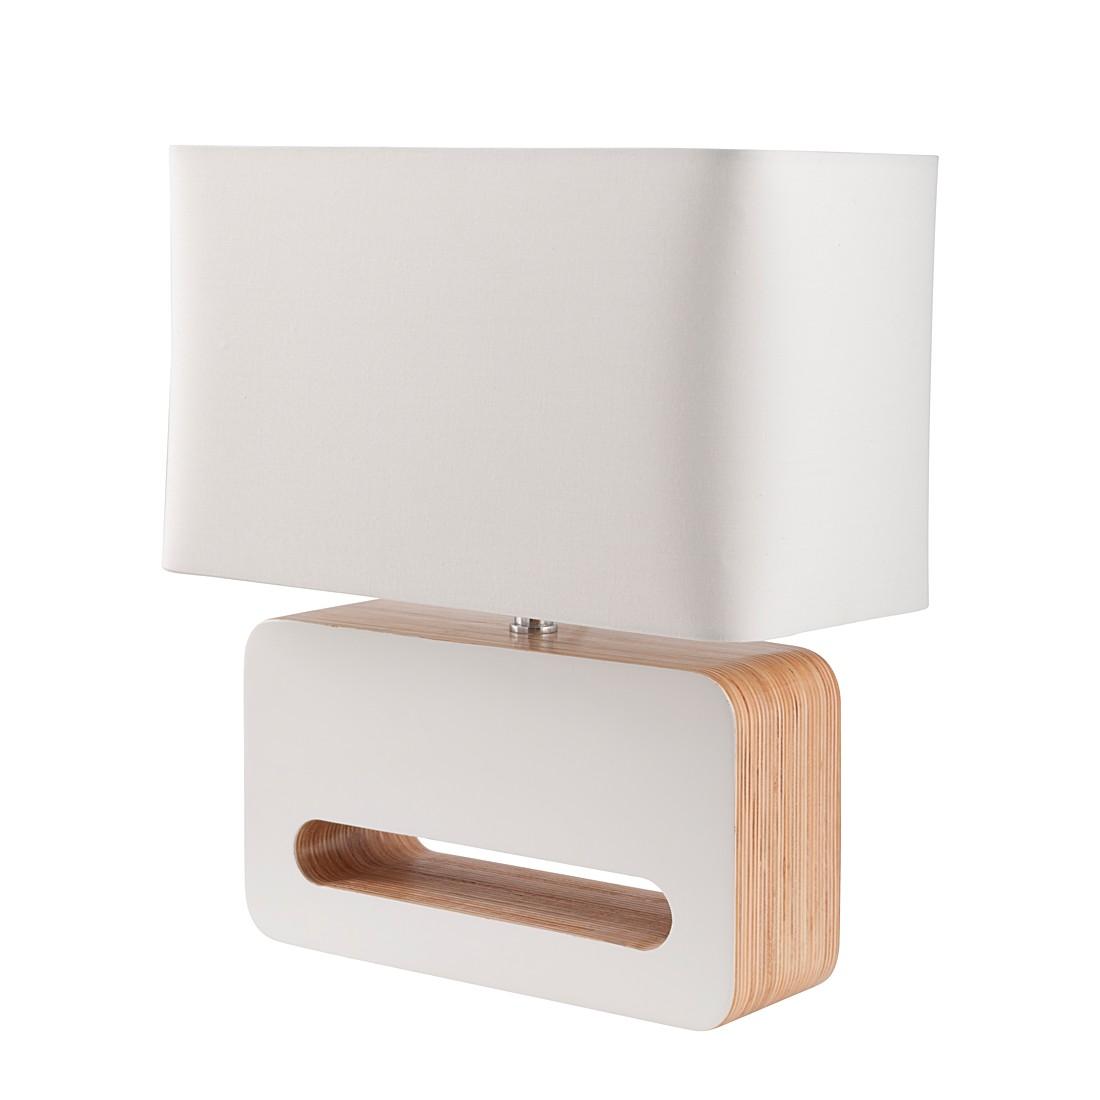 EEK A++, Tischleuchte WOOD – Holz/Eisen – 1-flammig, Zuiver kaufen